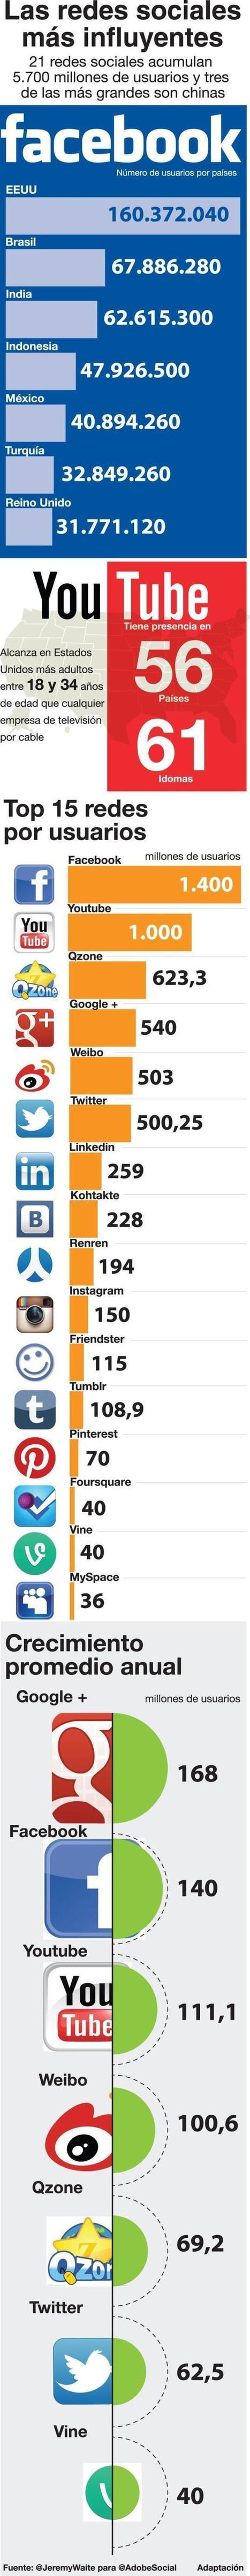 Las Redes Sociales más importantes #infografia #infographic #socialmedia | NUEVAS TECNOLOGÍAS Y EDUCACIÓN - METODOLOGÍA Y PRÁCTICA | Scoop.it